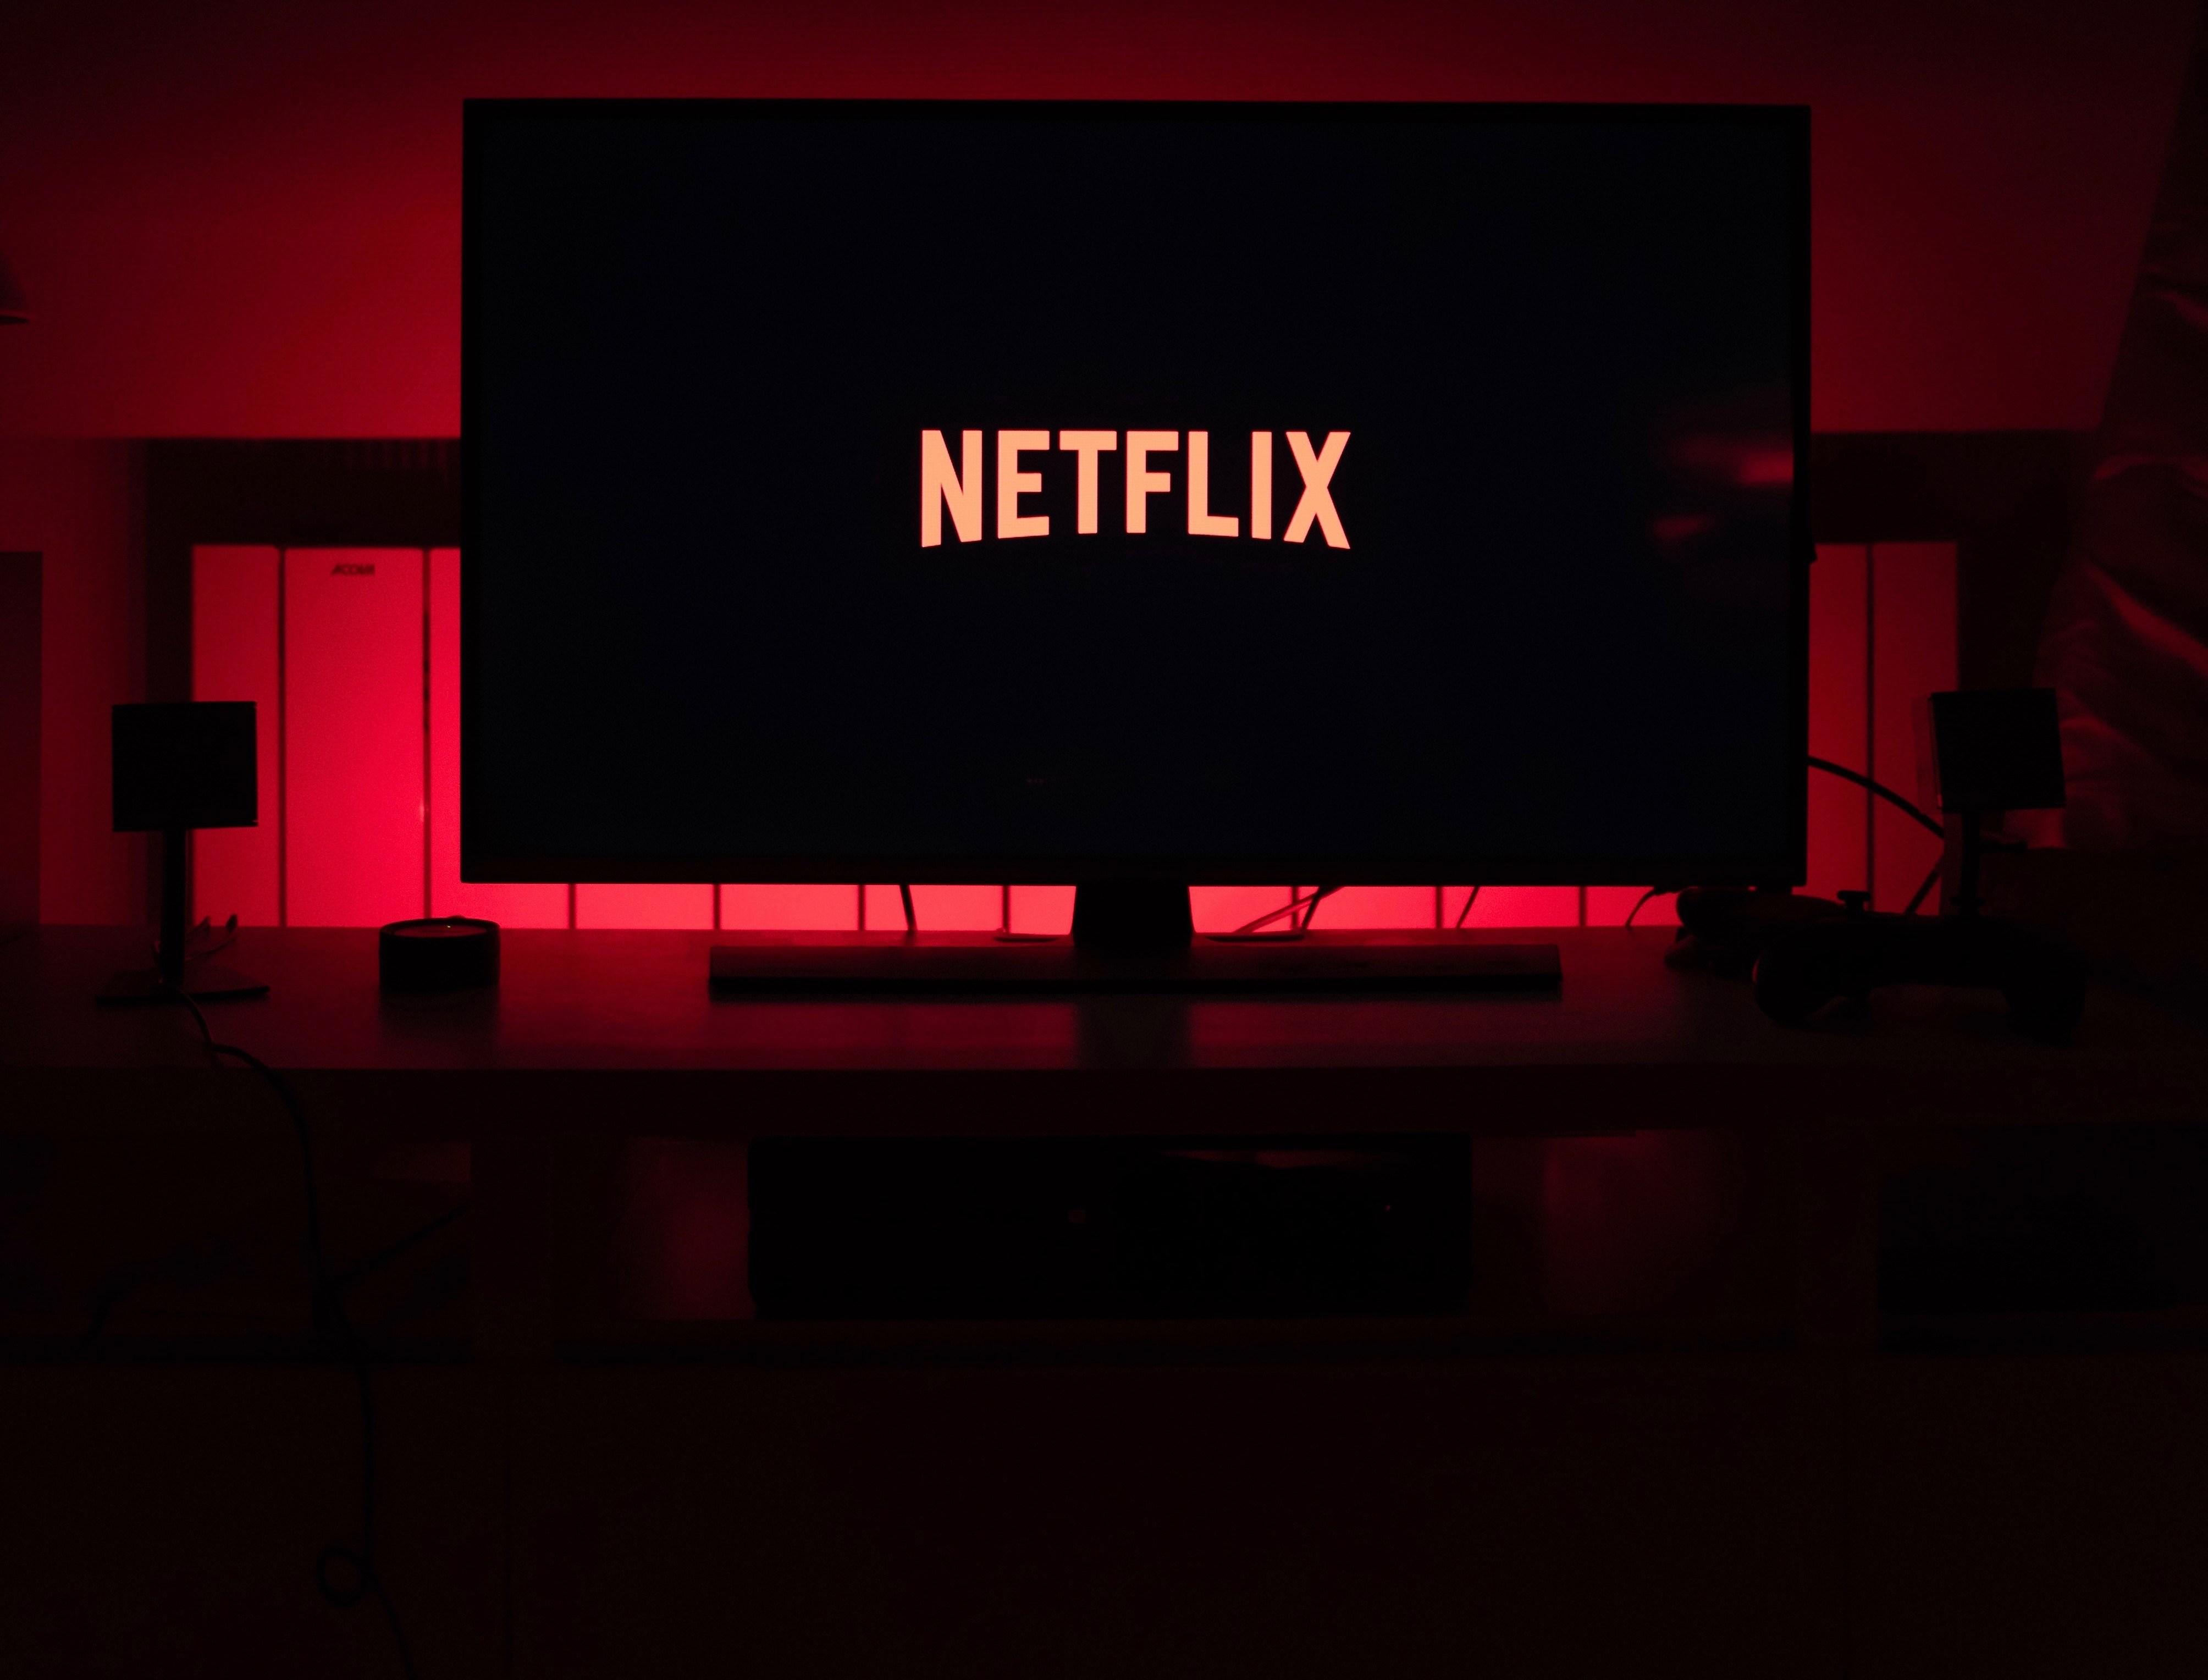 Доля Netflix наотечественном рынке онлайн-видео составила 4%